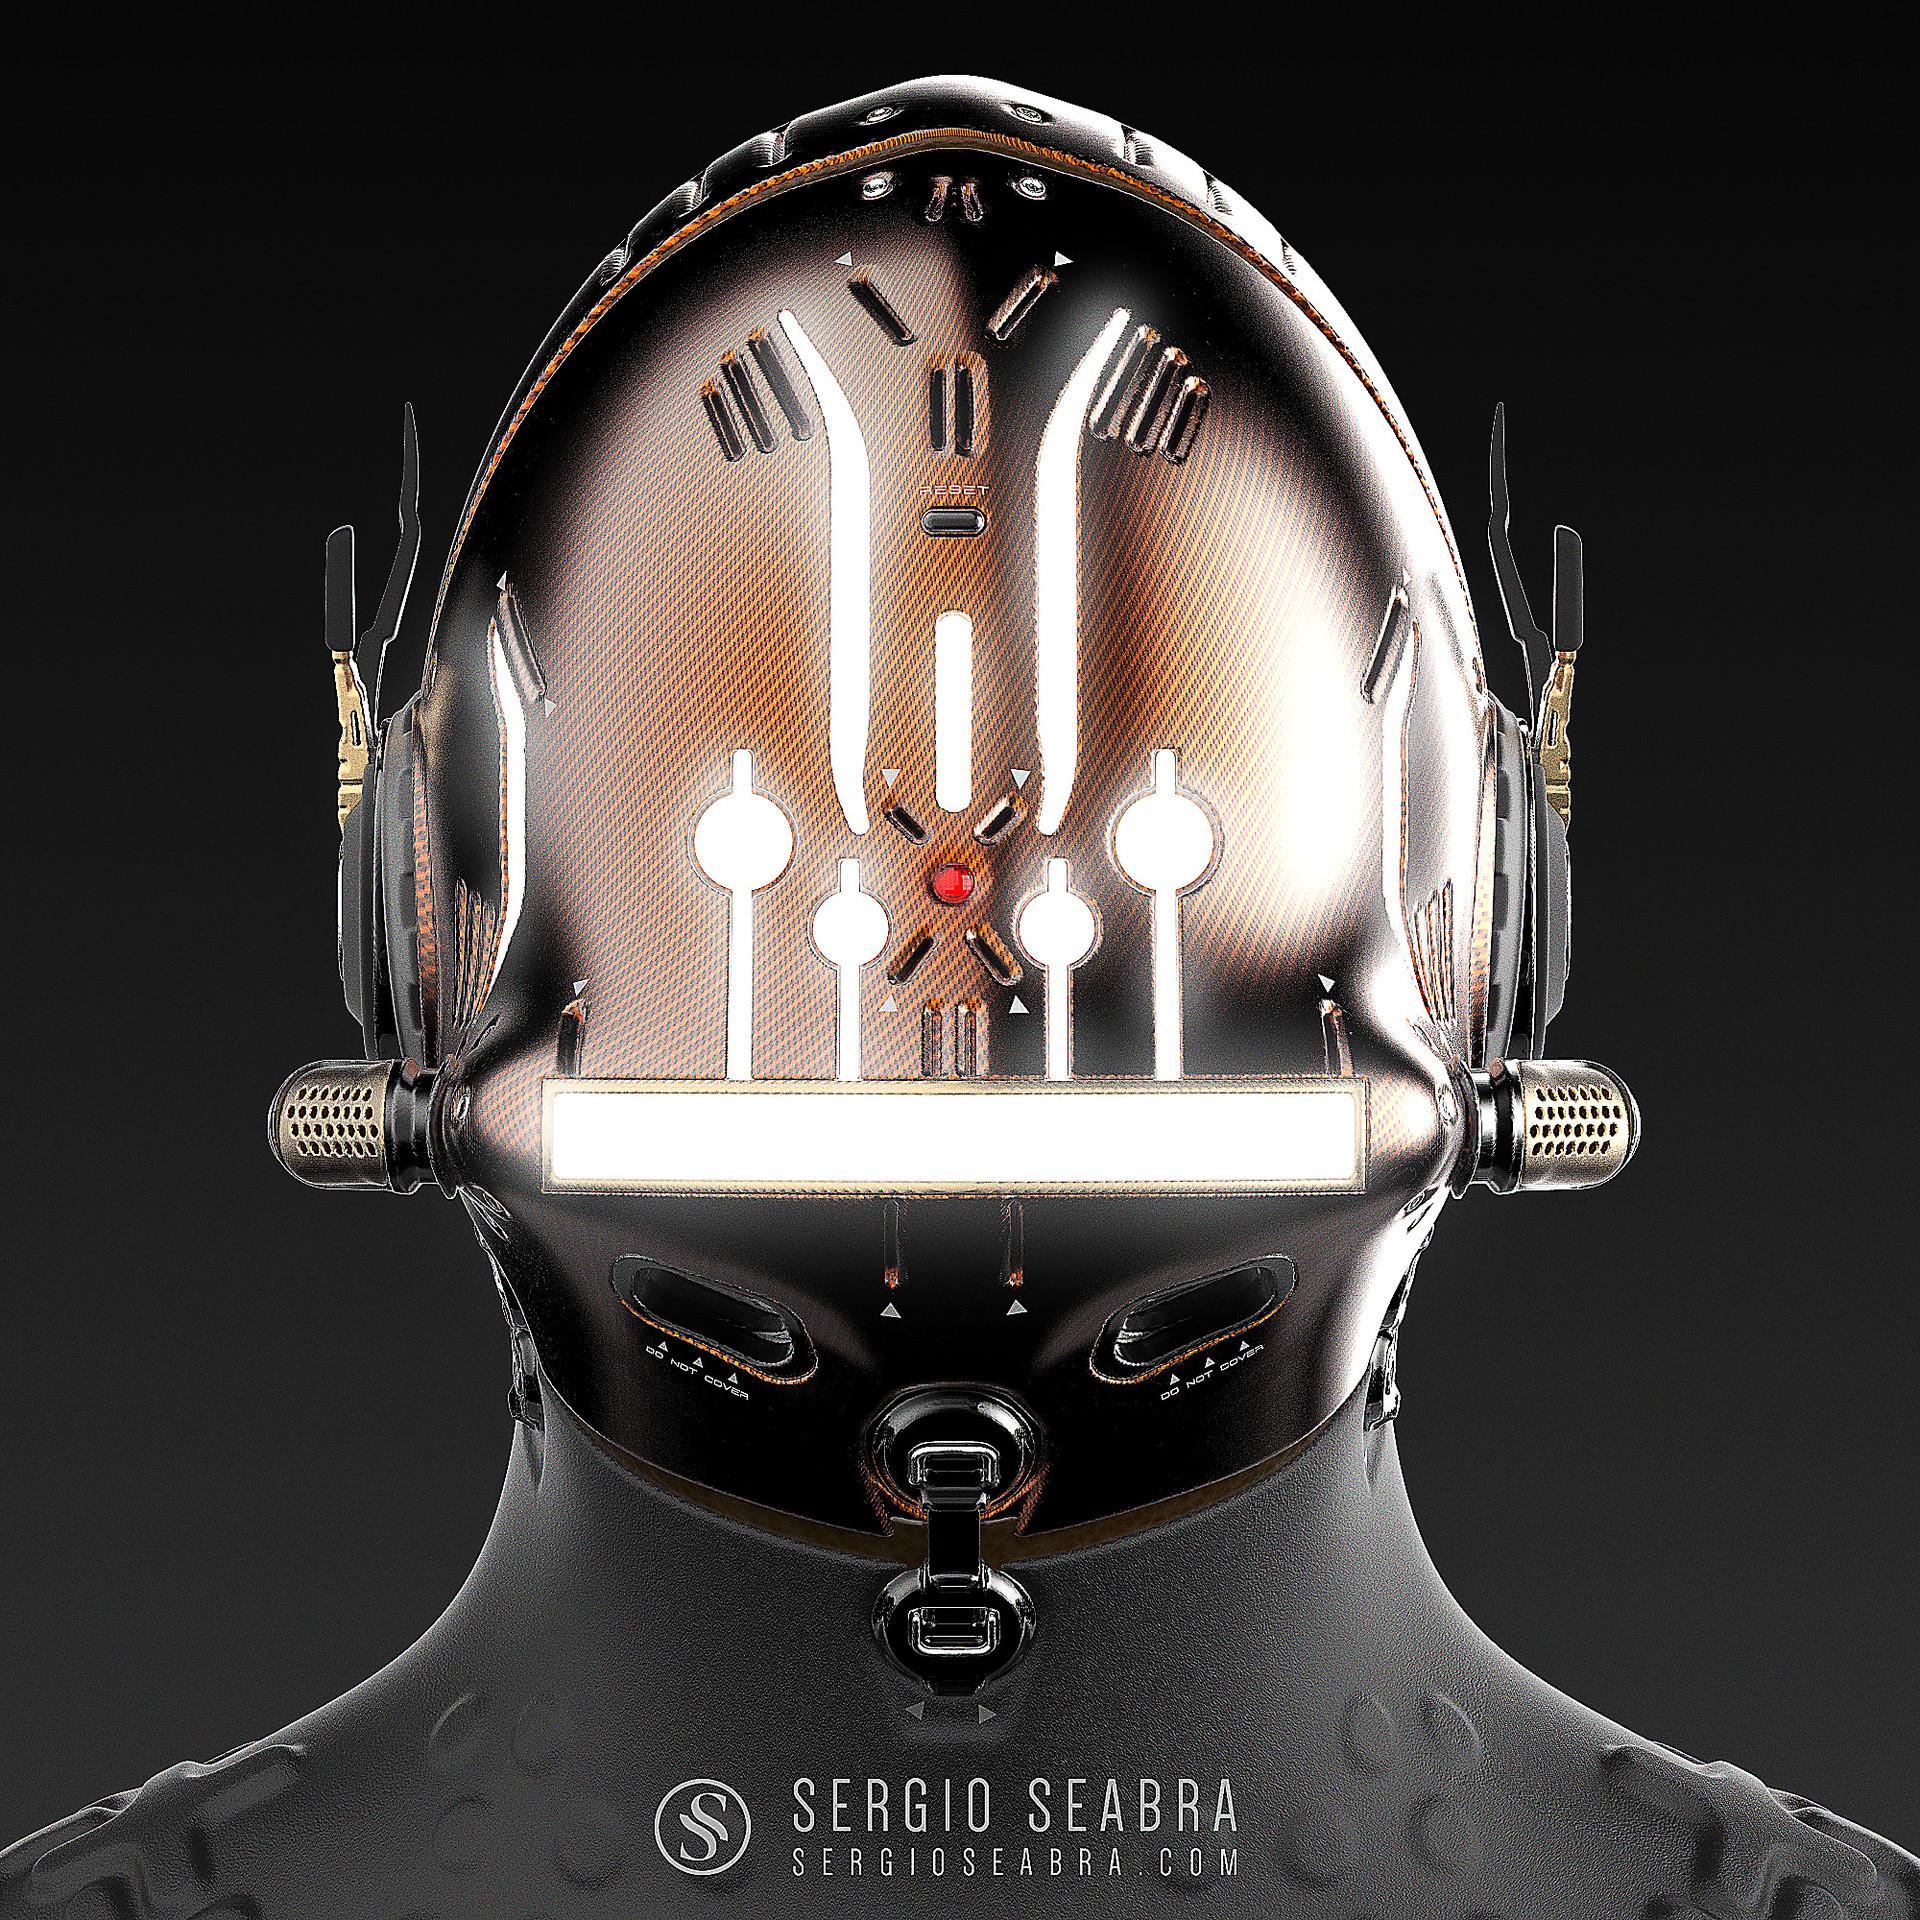 Sergio seabra 20170718 helmet2 layouts1